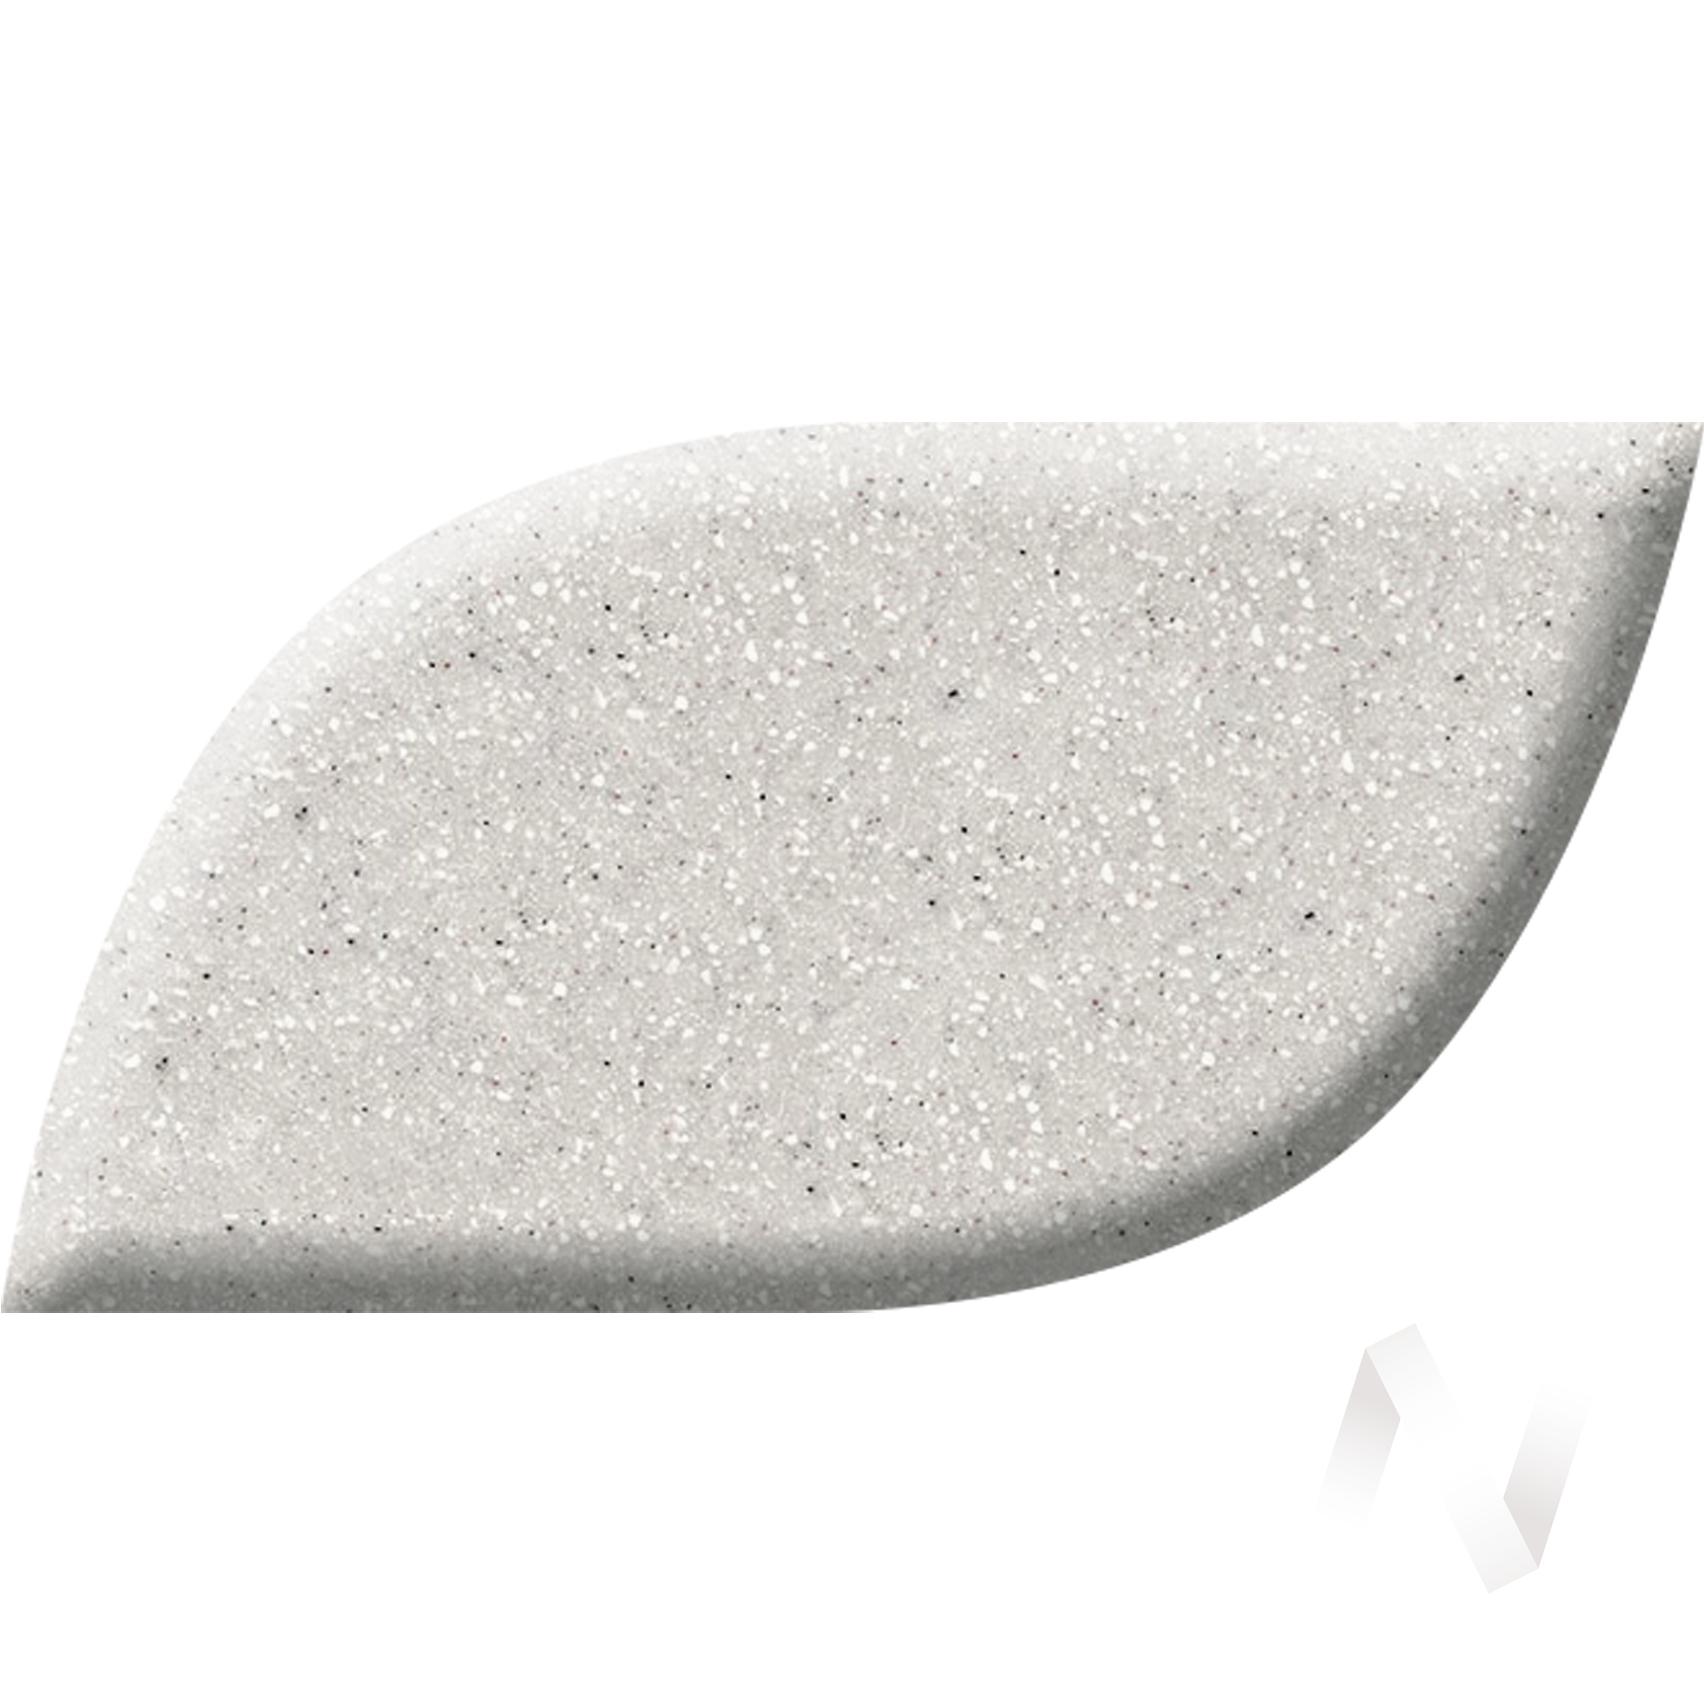 Мойка из искусственного камня Light 3 без фрезы и сифона (бежевый)  в Томске — интернет магазин МИРА-мебель